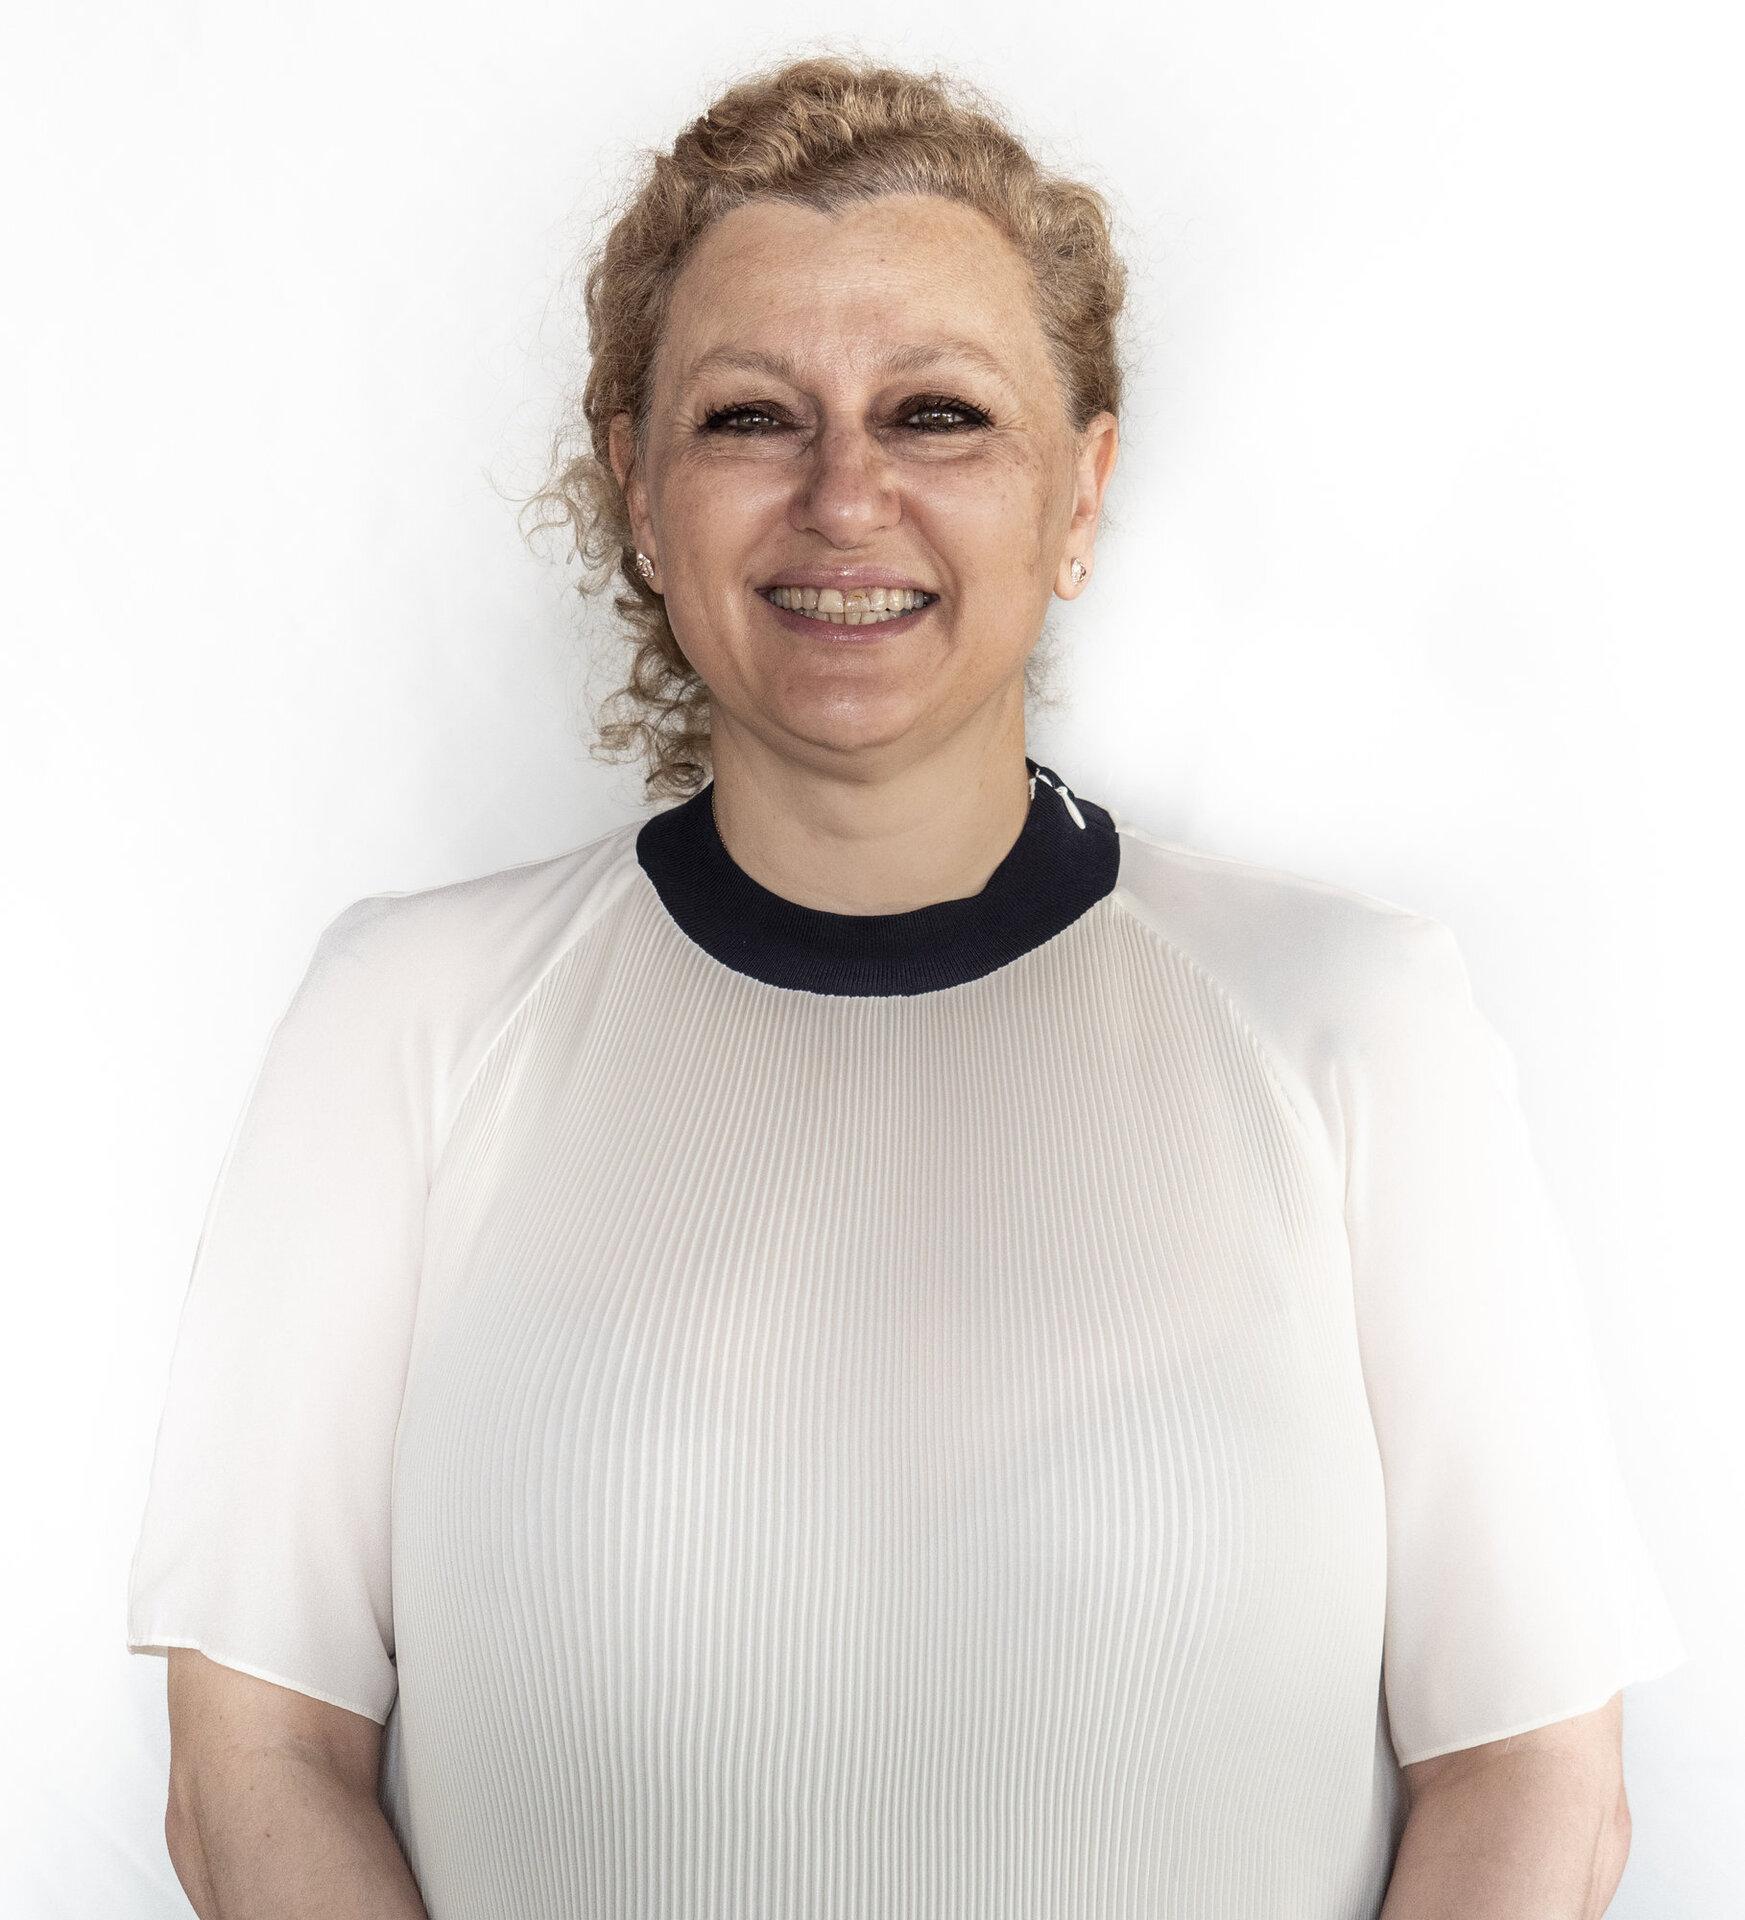 Ivayla Hinkova